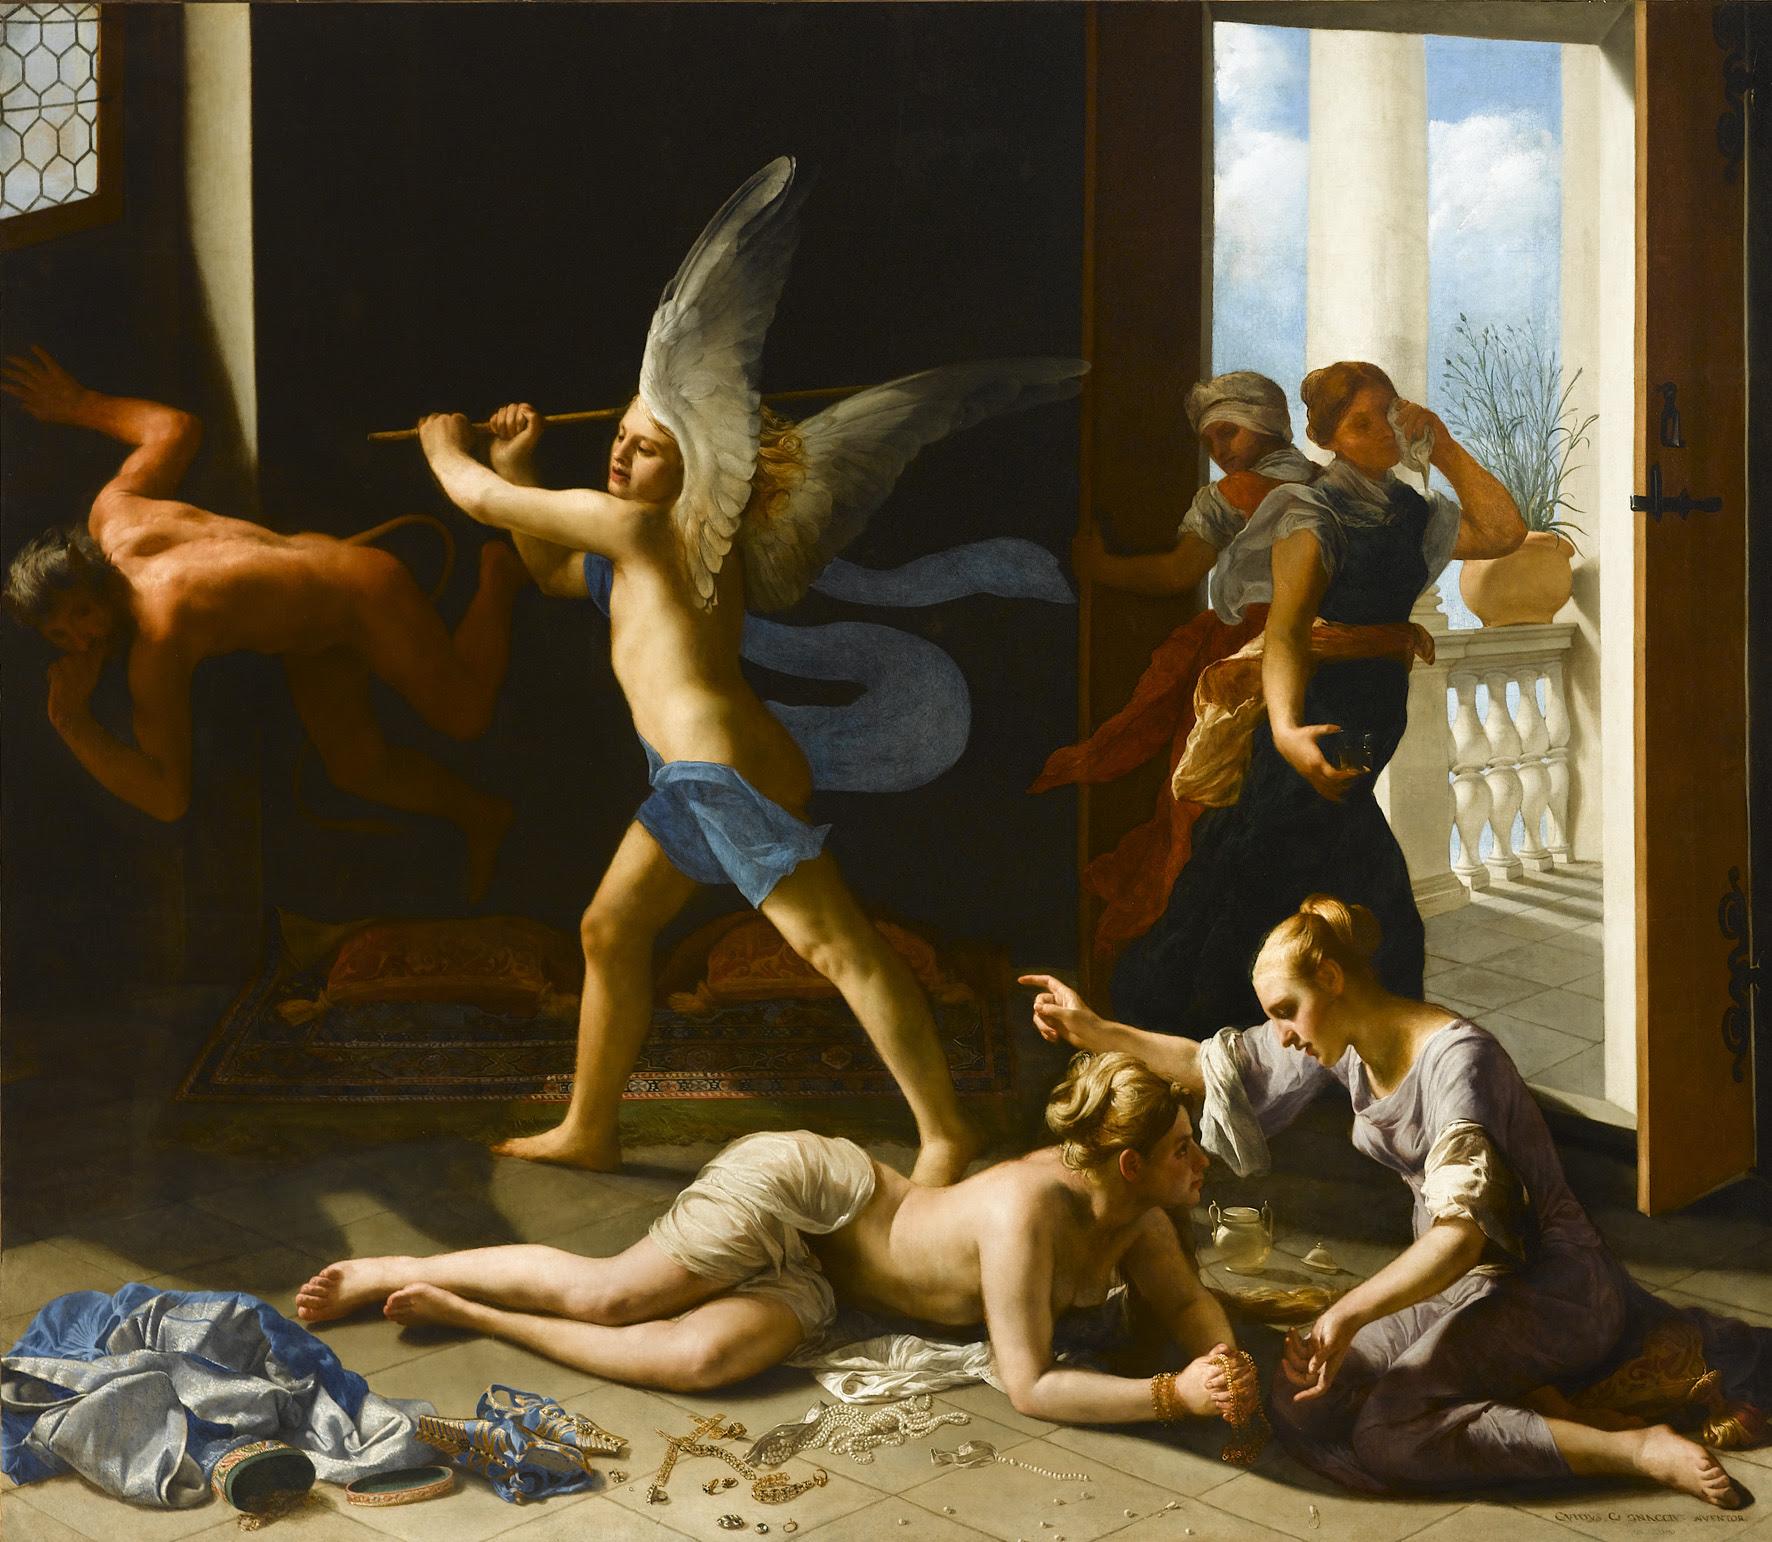 La conversione della Maddalena - Guido Cagnacci